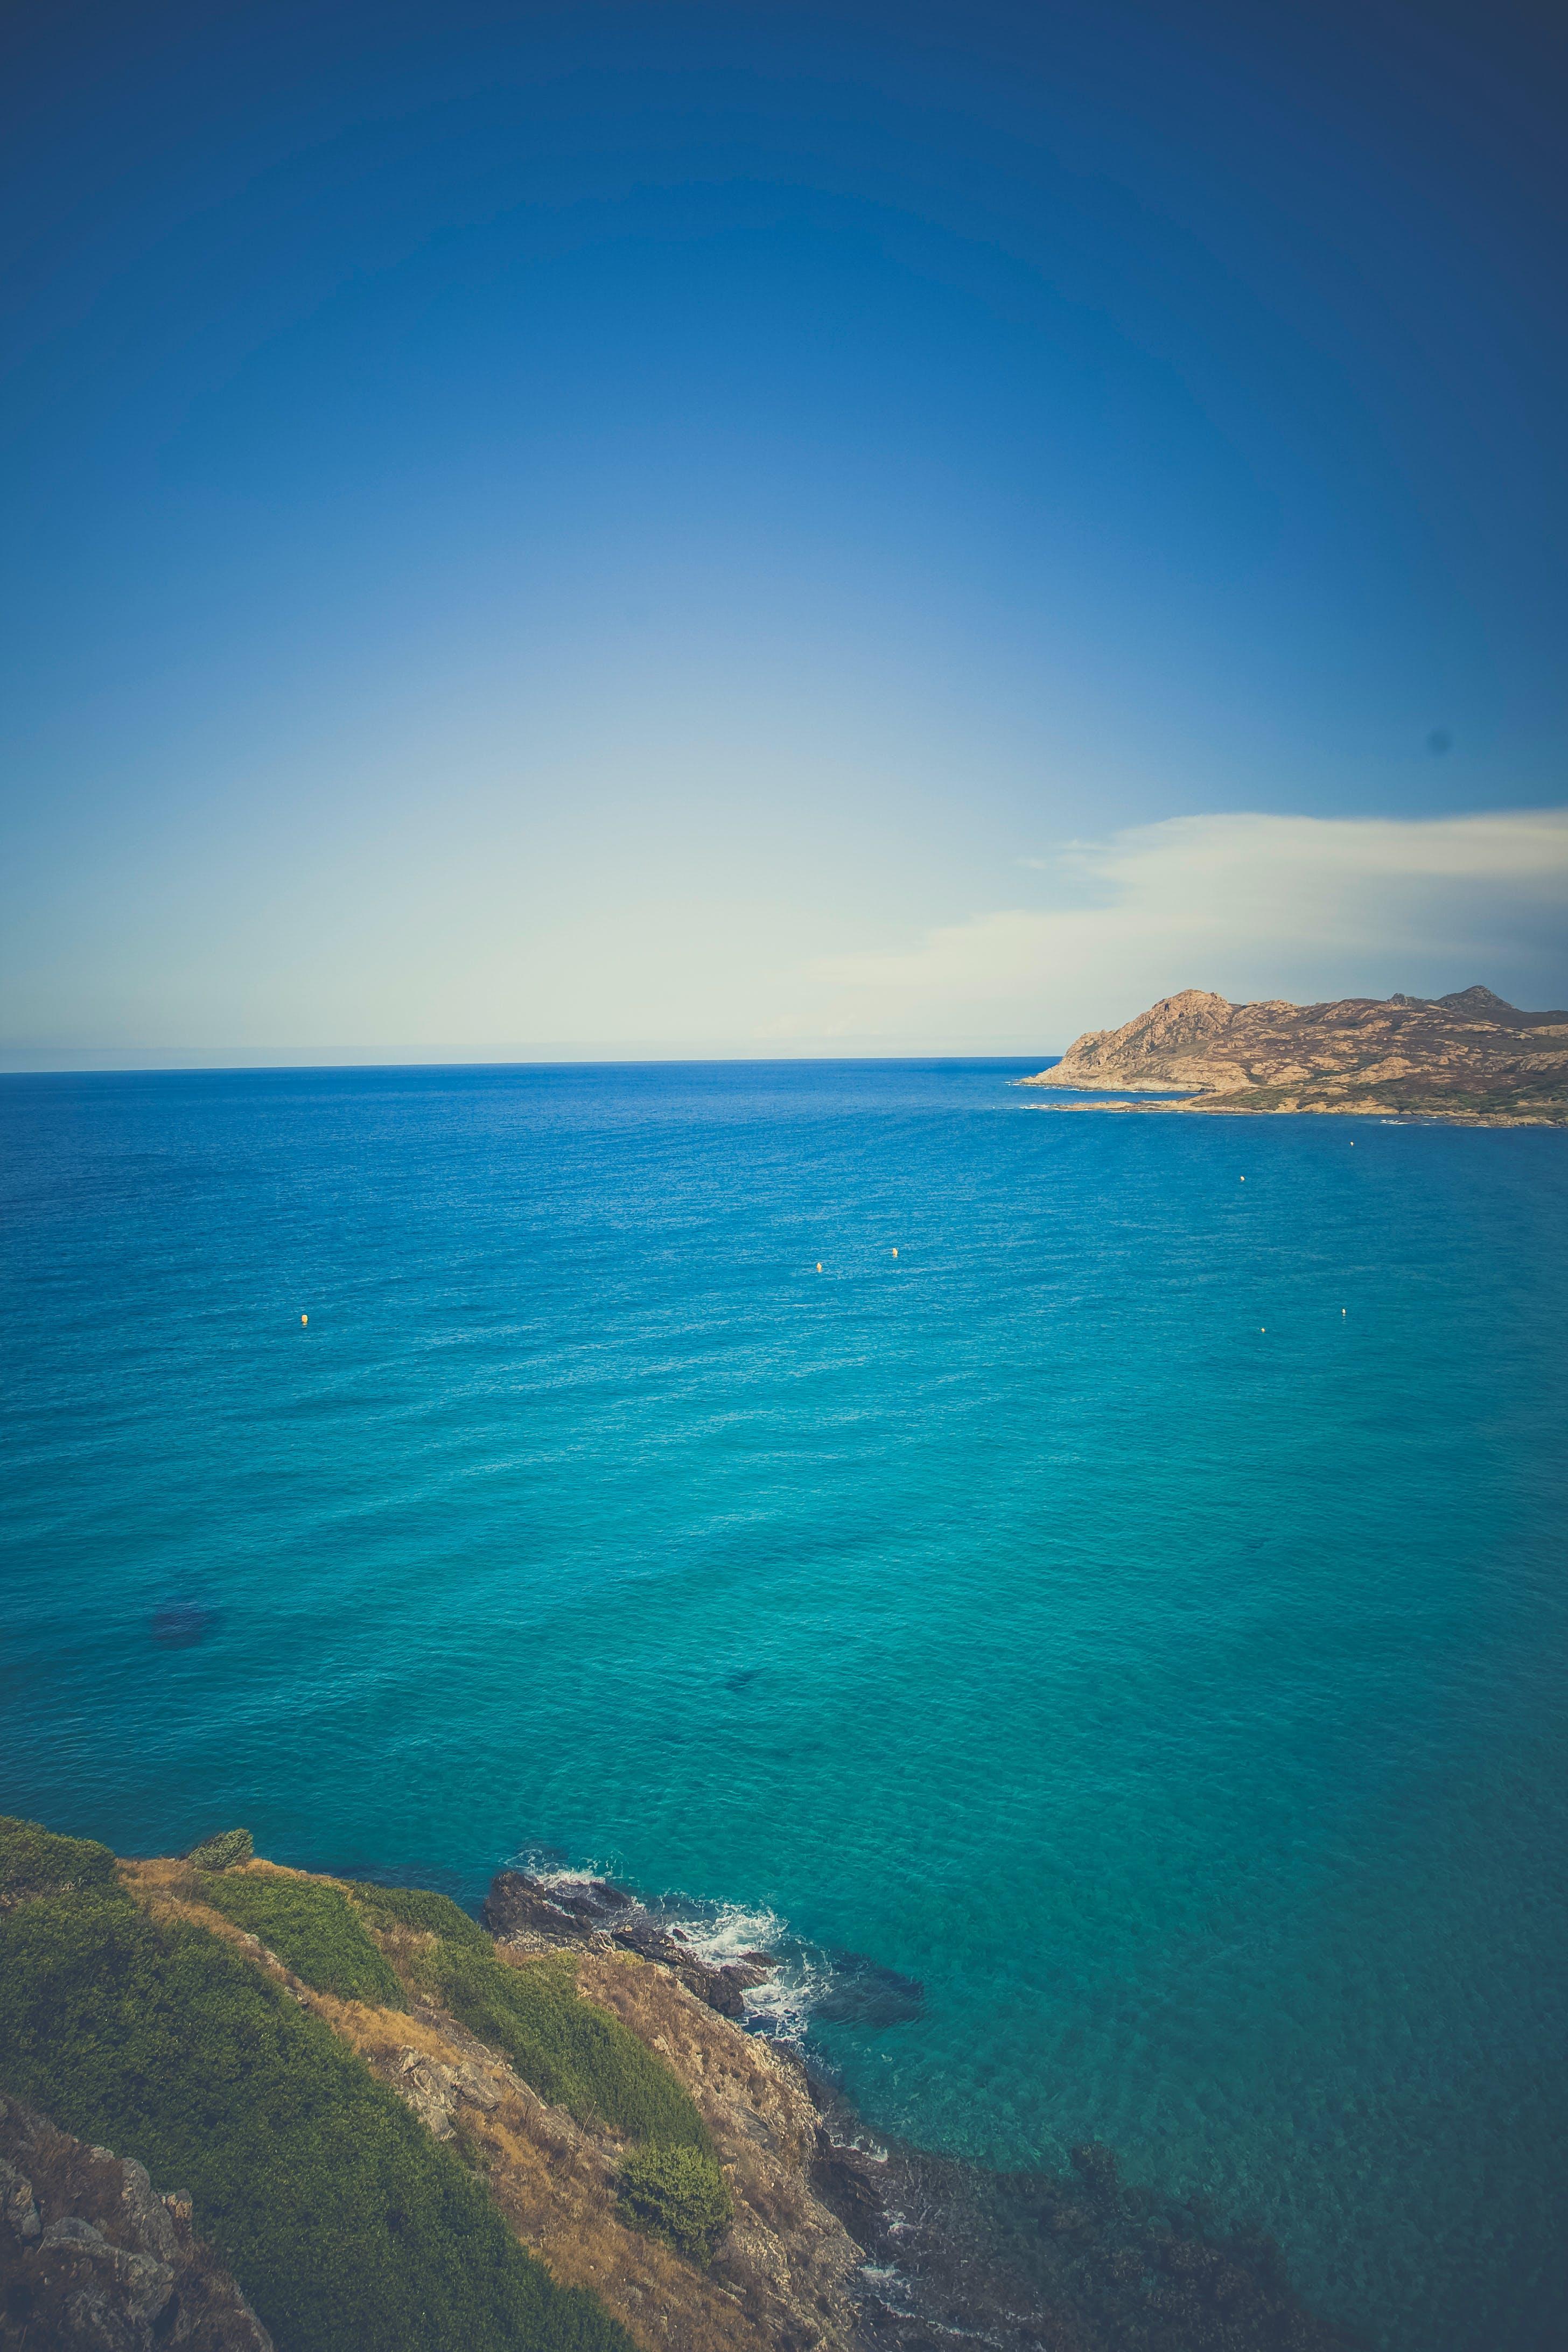 Δωρεάν στοκ φωτογραφιών με ακτή, βράχια, θάλασσα, θαλασσογραφία